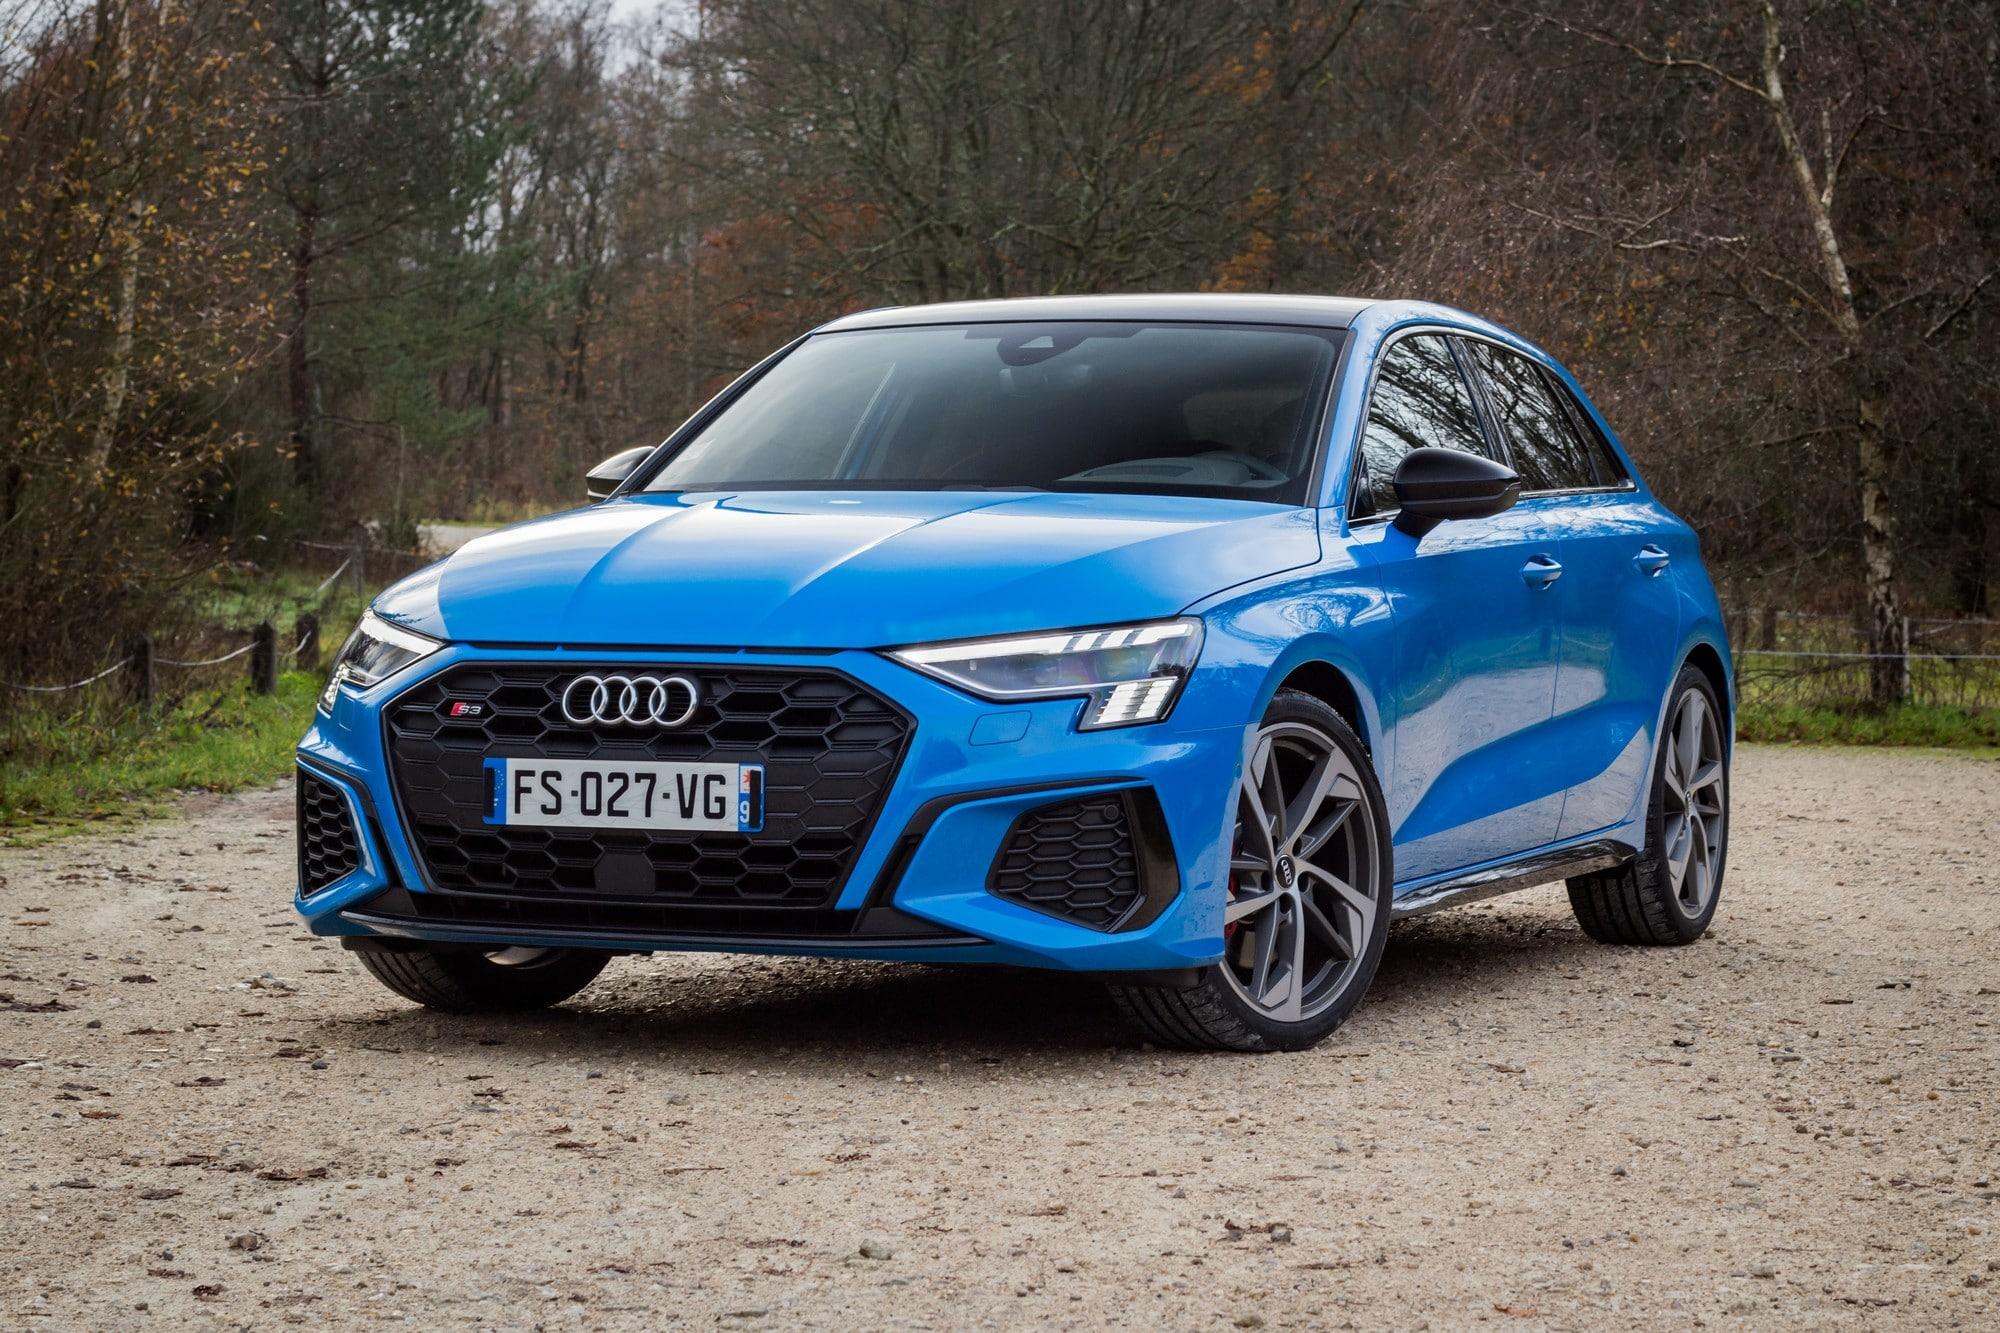 Essai de l'Audi S3 Sportback 2021 : douce sportivité